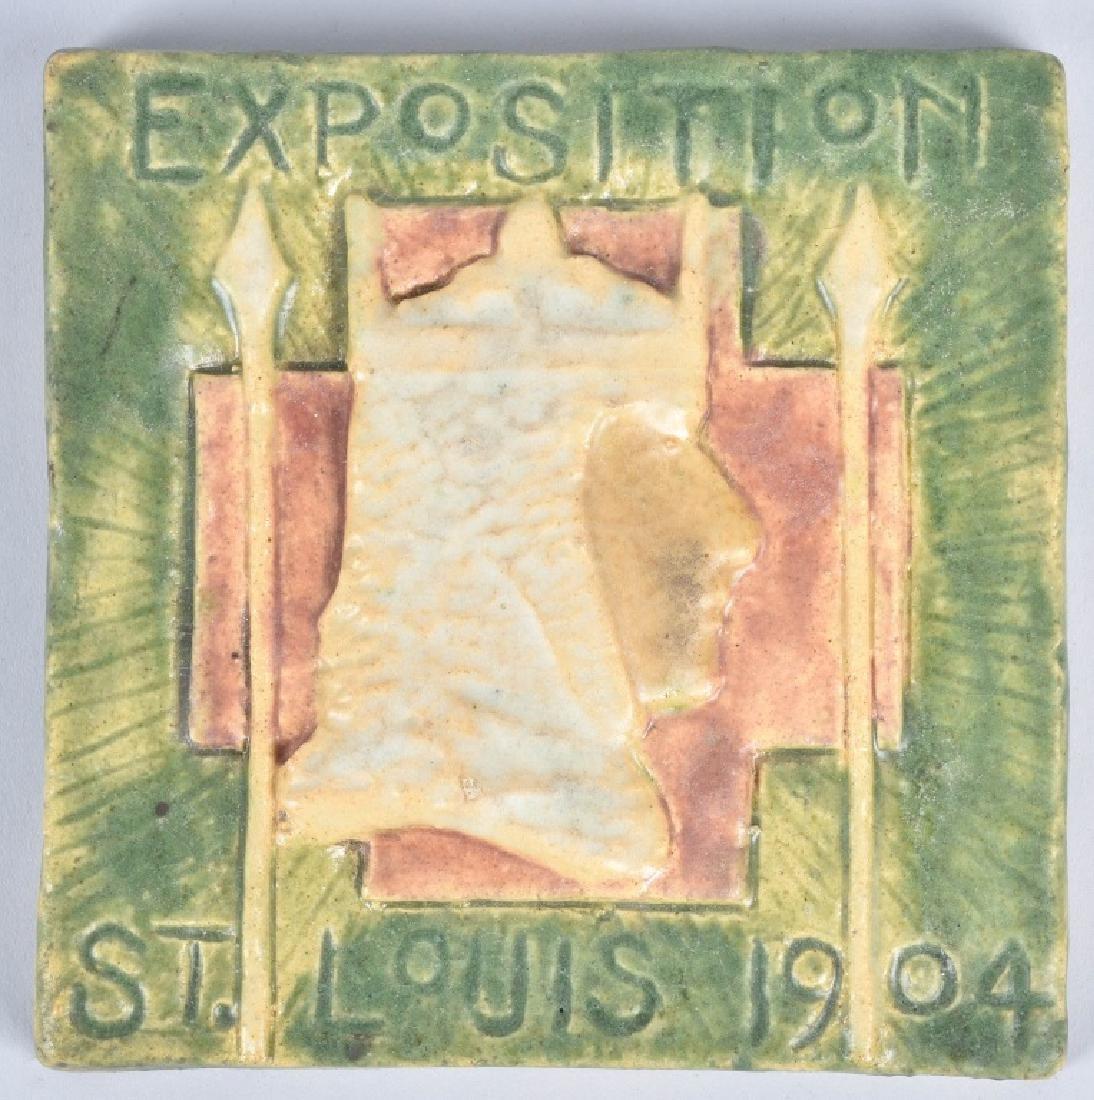 1904 ST LOUIS EXPO SOUVENIR CERAMIC TILE